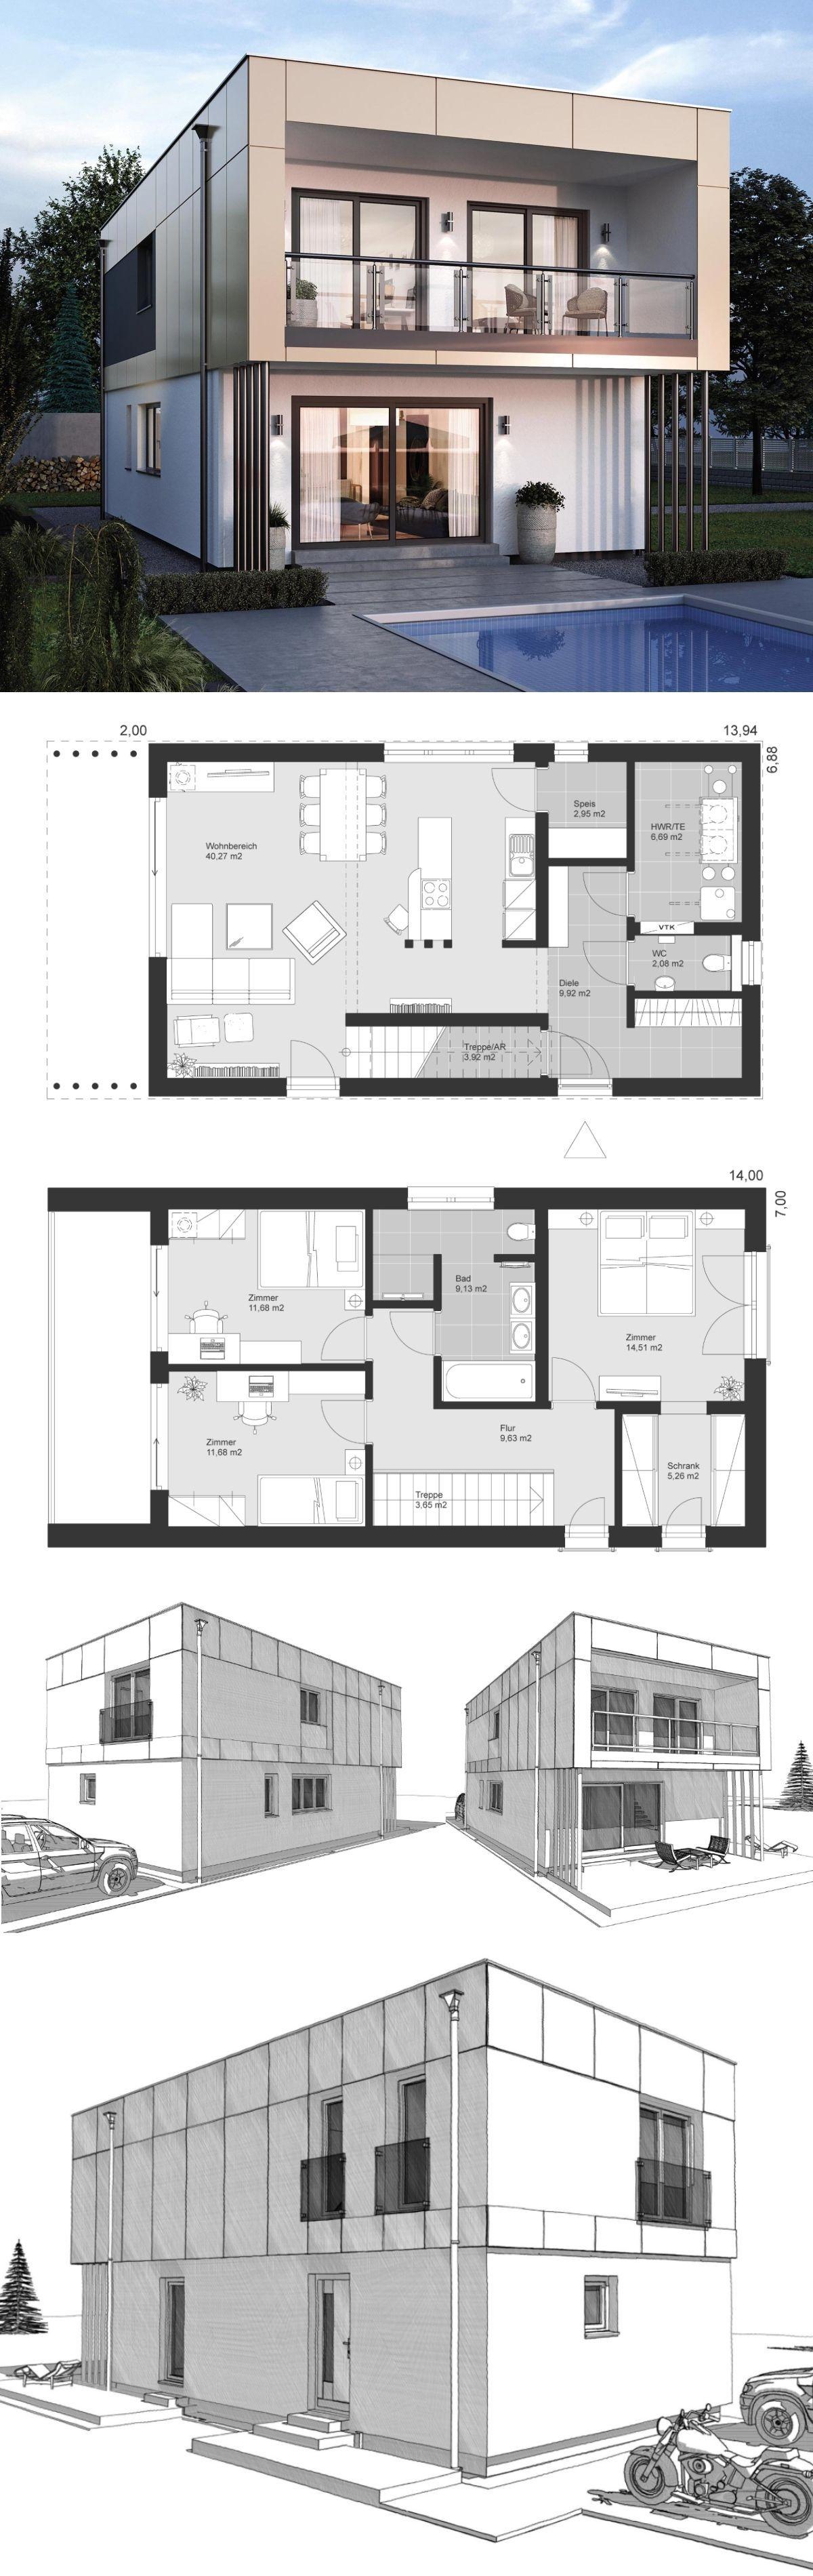 Haus flur design-ideen design haus modern mit flachdach architektur im bauhausstil